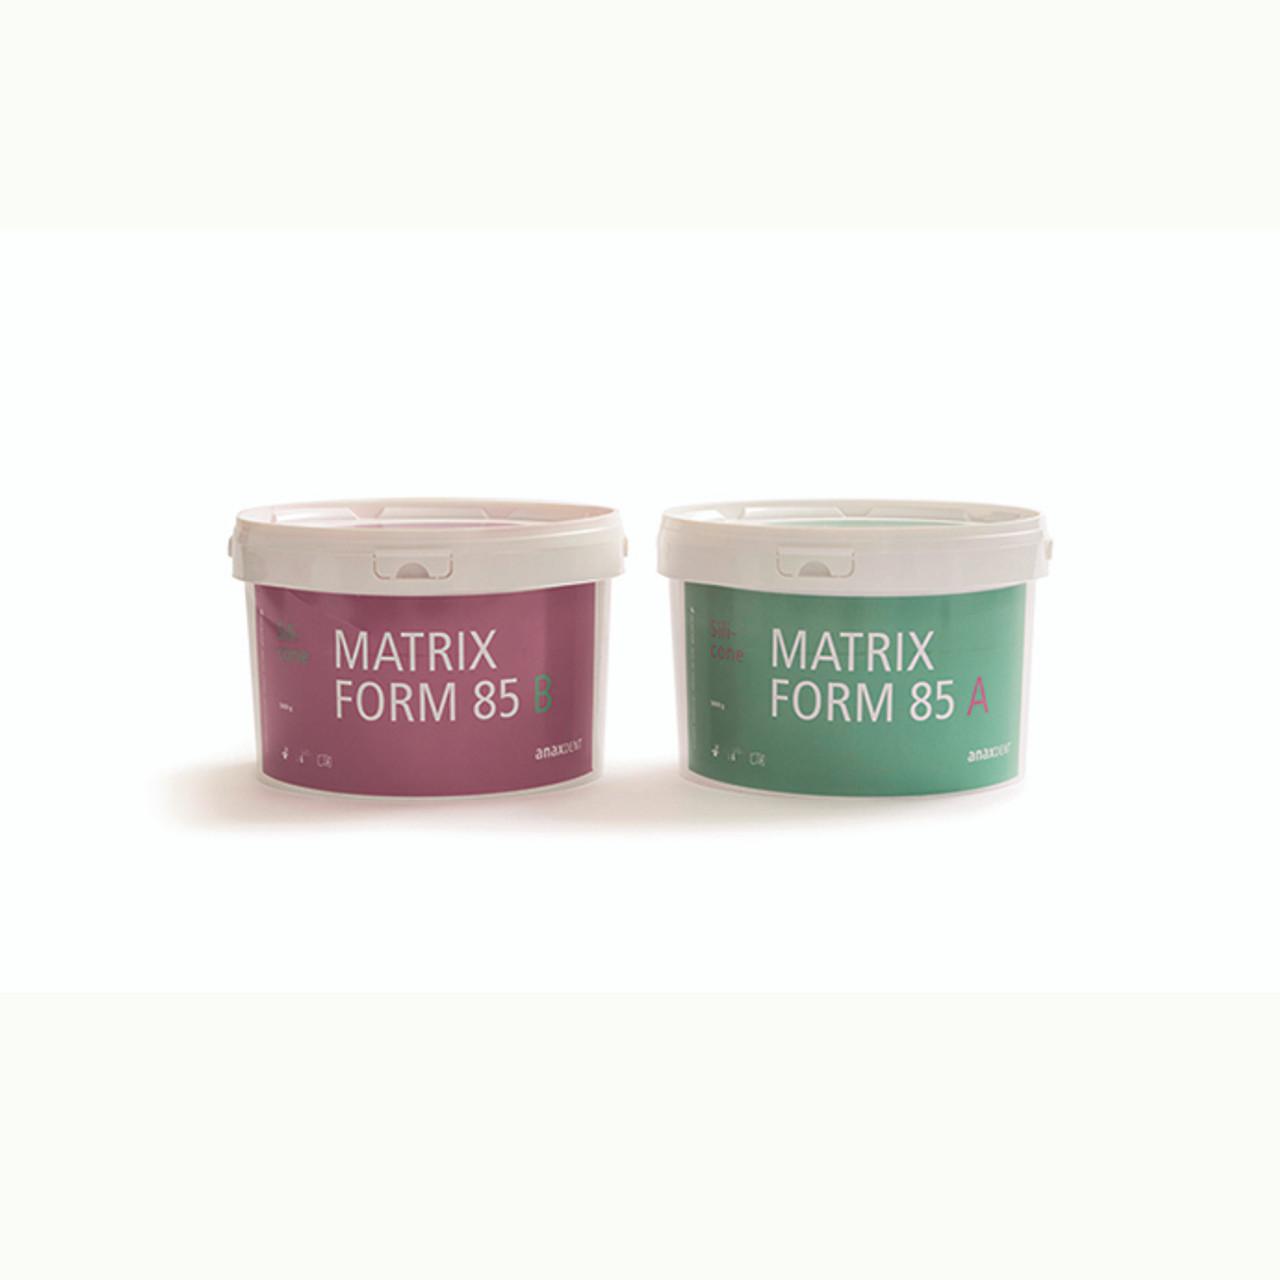 Matrix Form 85 A+B, 5000g of each